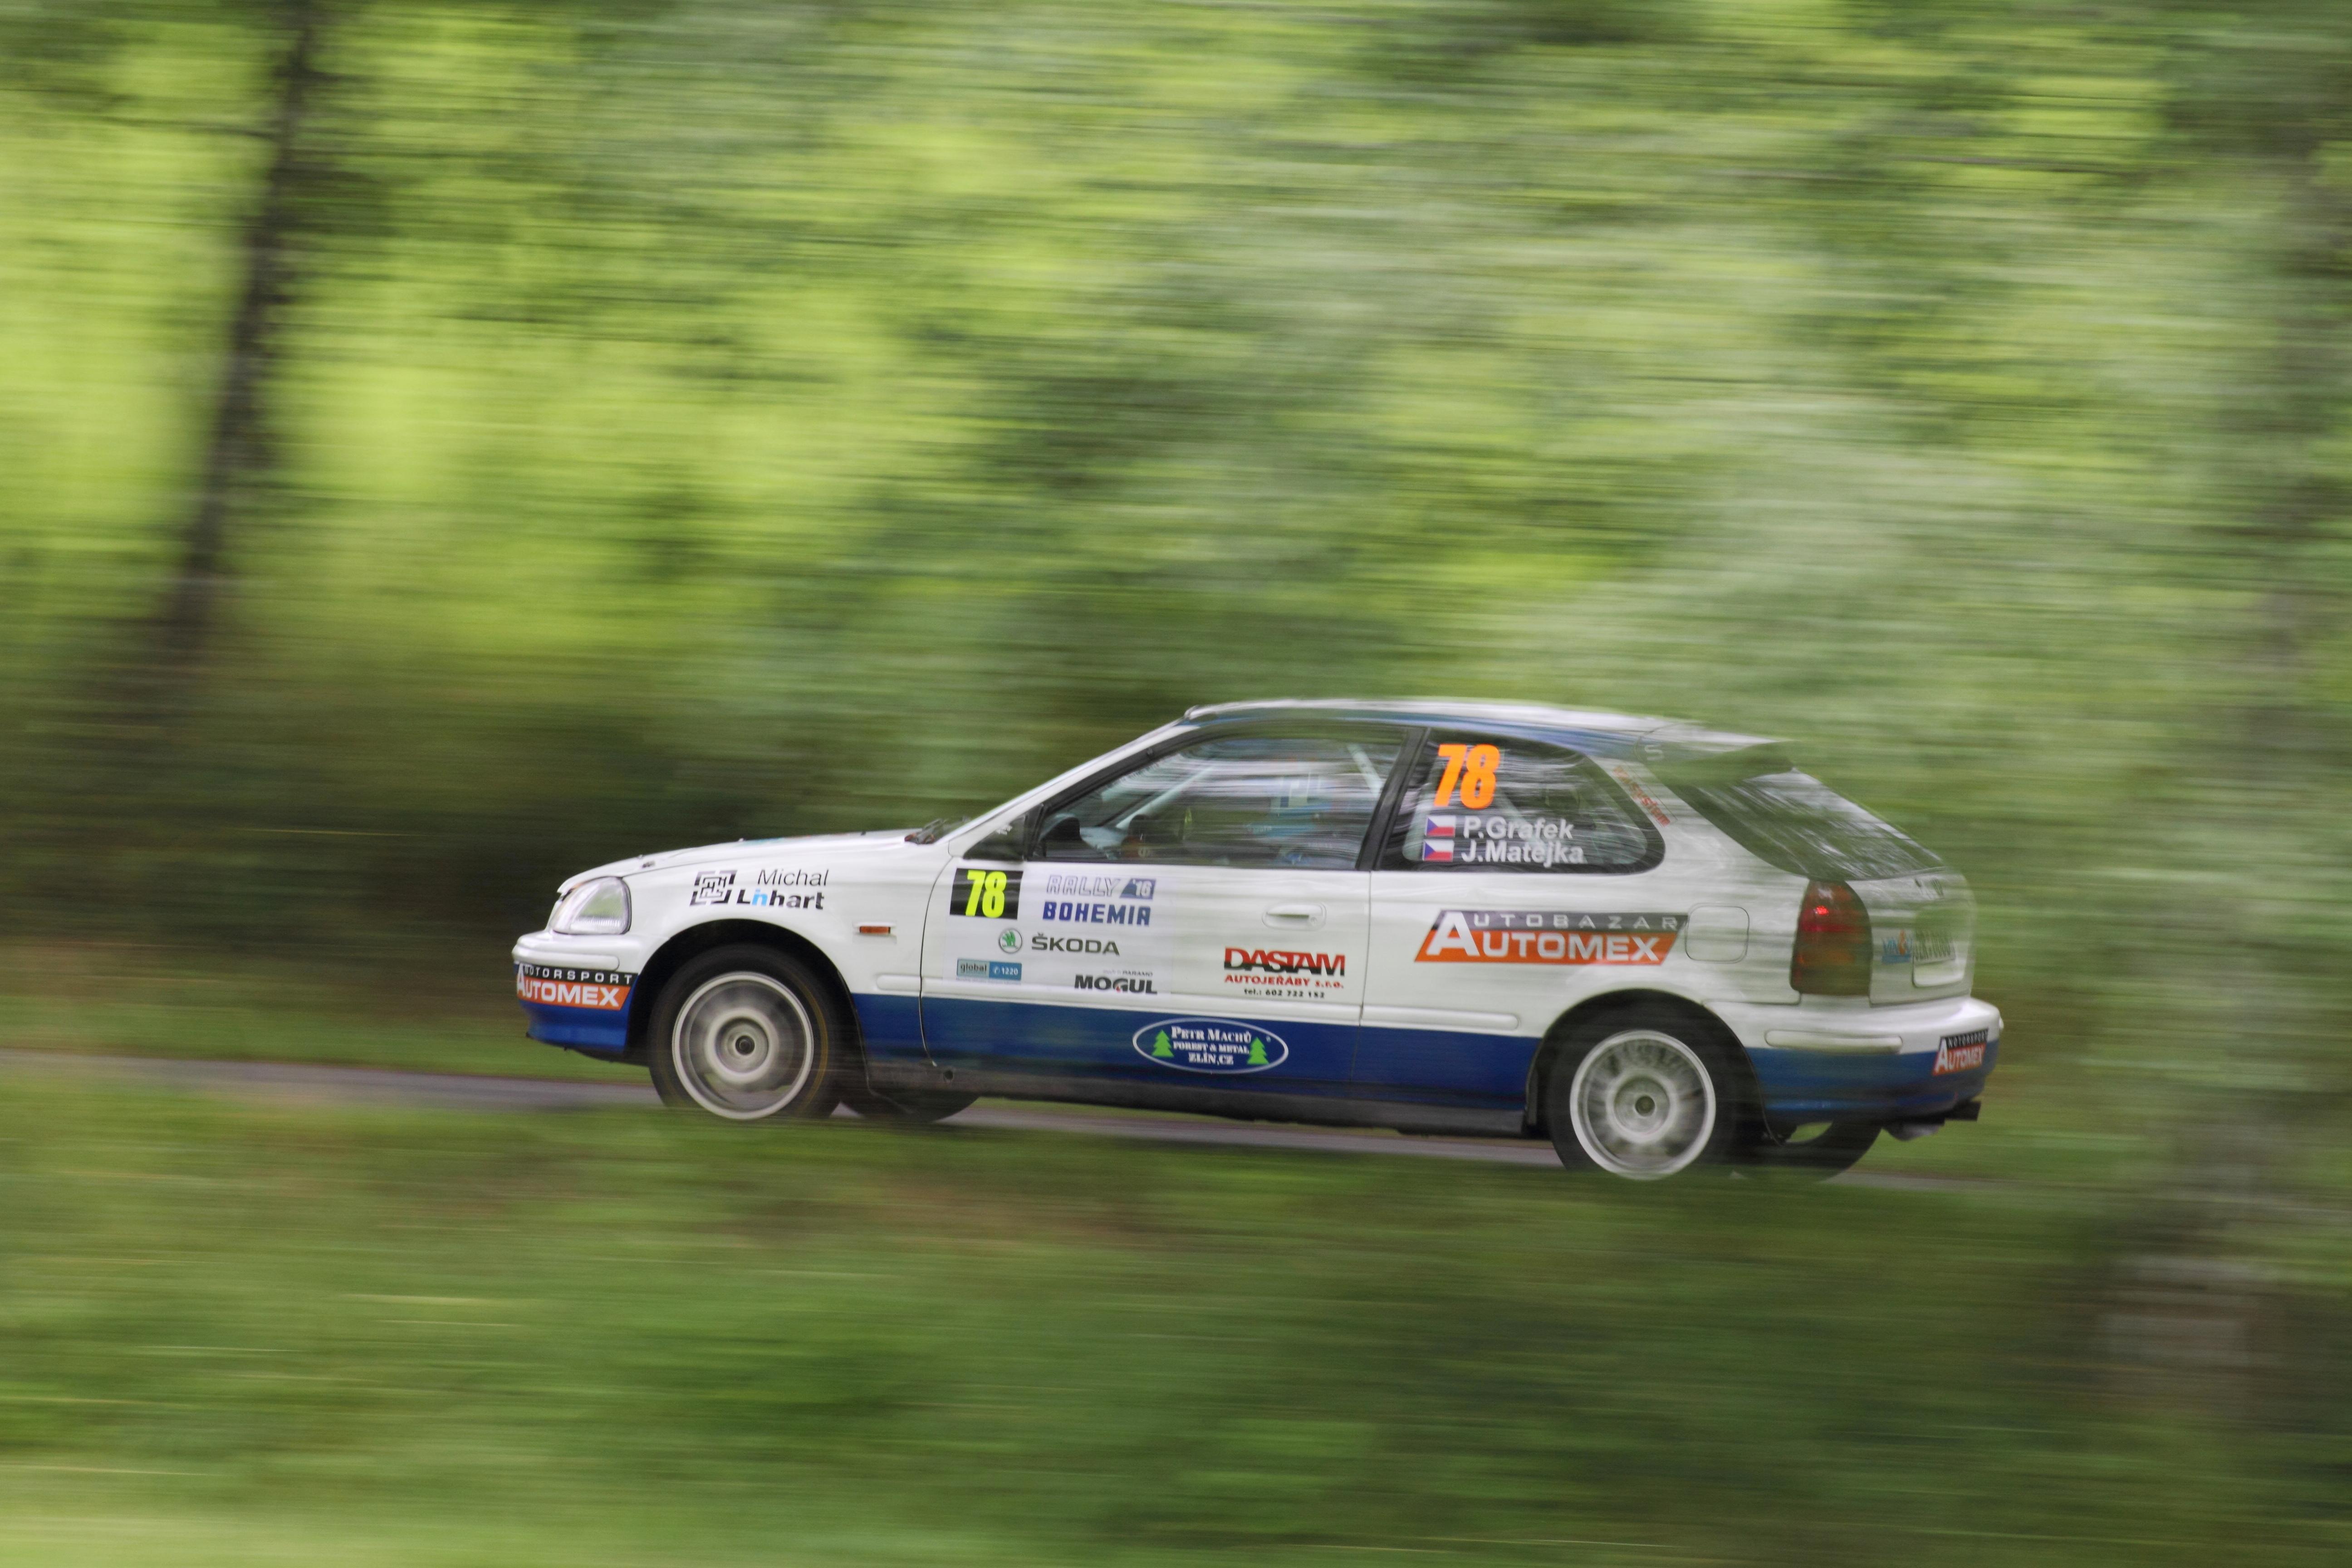 Amateur Photos 5 ways to get into racing as an amateur